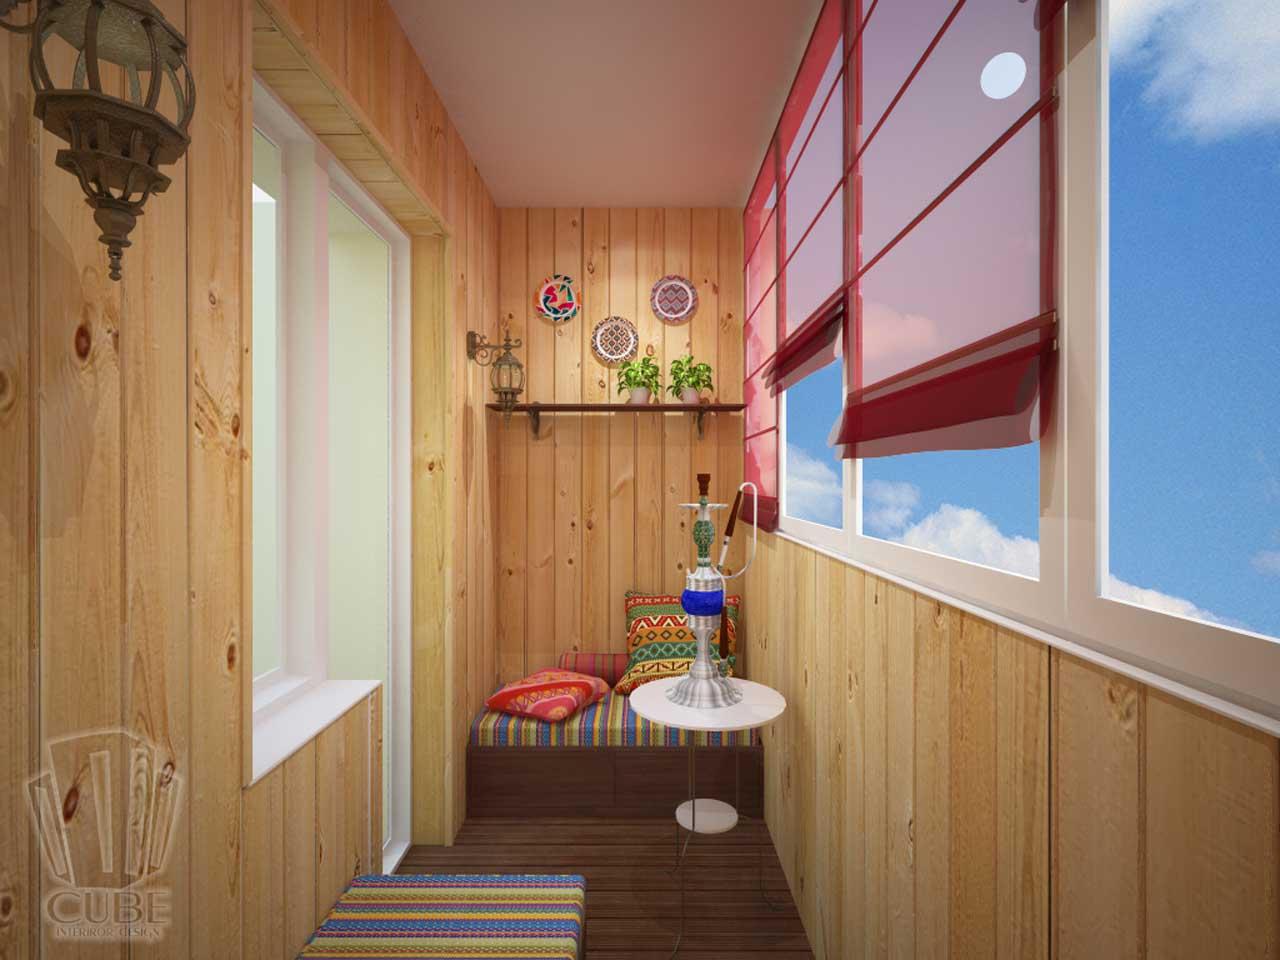 Дизайн-проект интерьера. Тюмень ул. Широтная д.158. Квартира для молодой семьи (6)